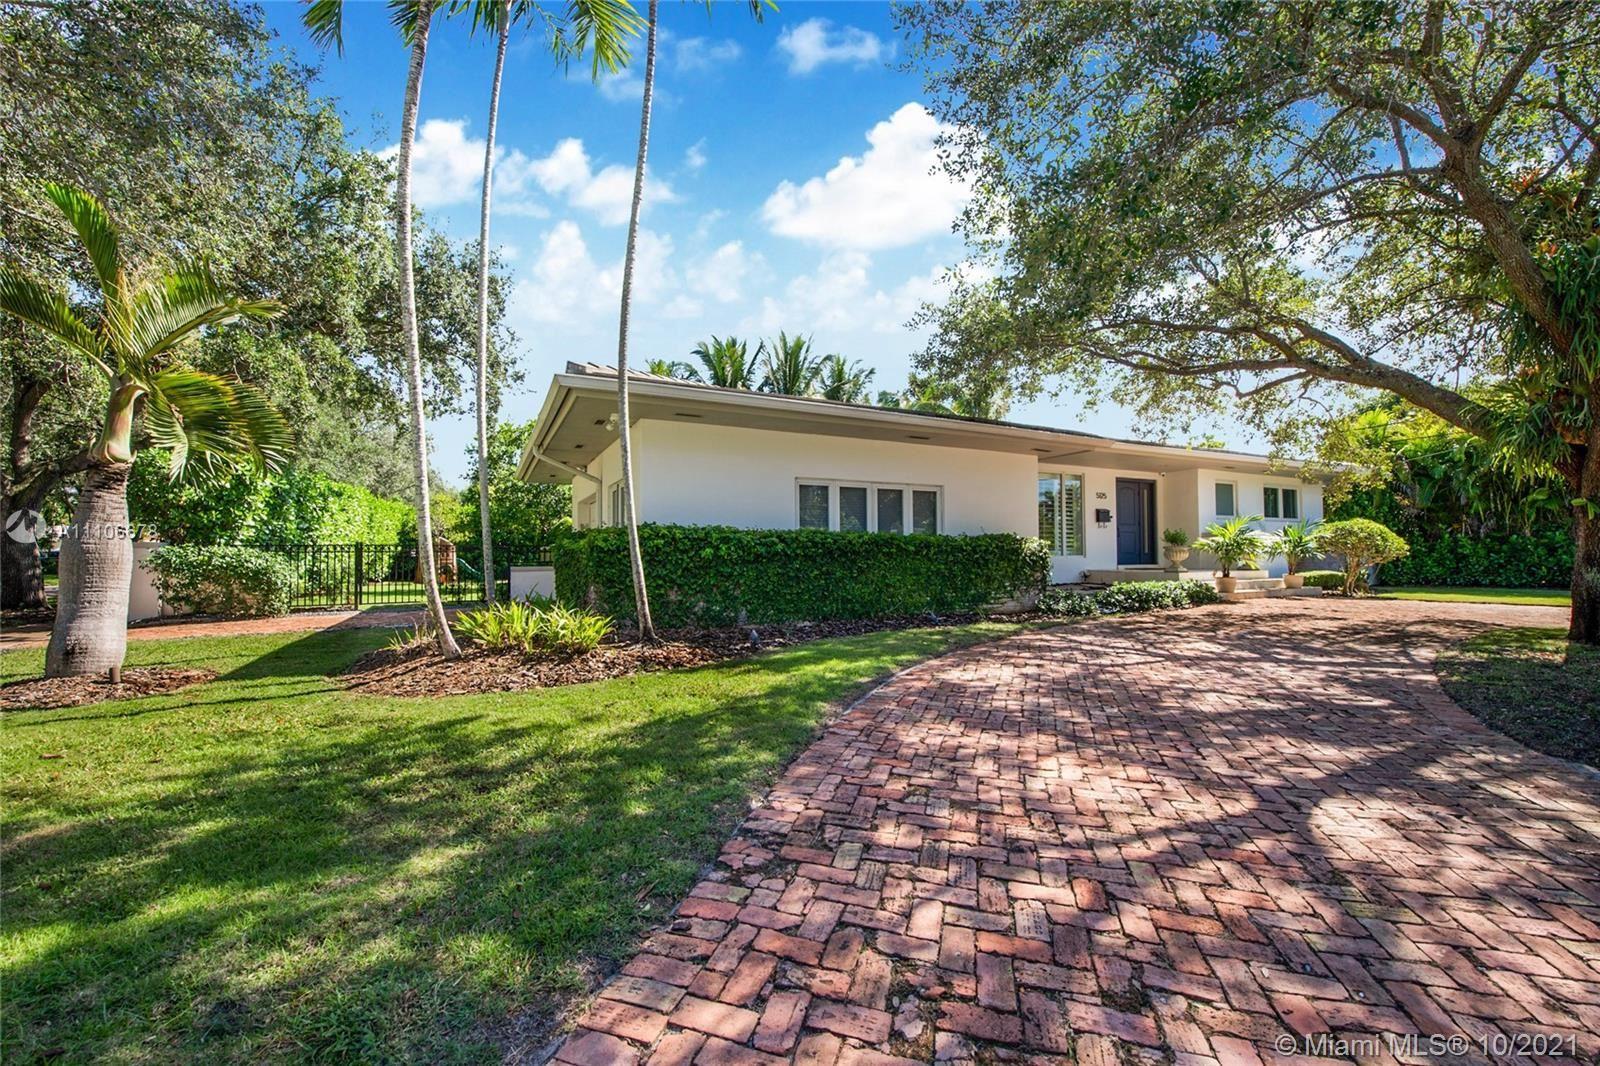 5125 Donatello St, Coral Gables, FL 33146 - #: A11106678